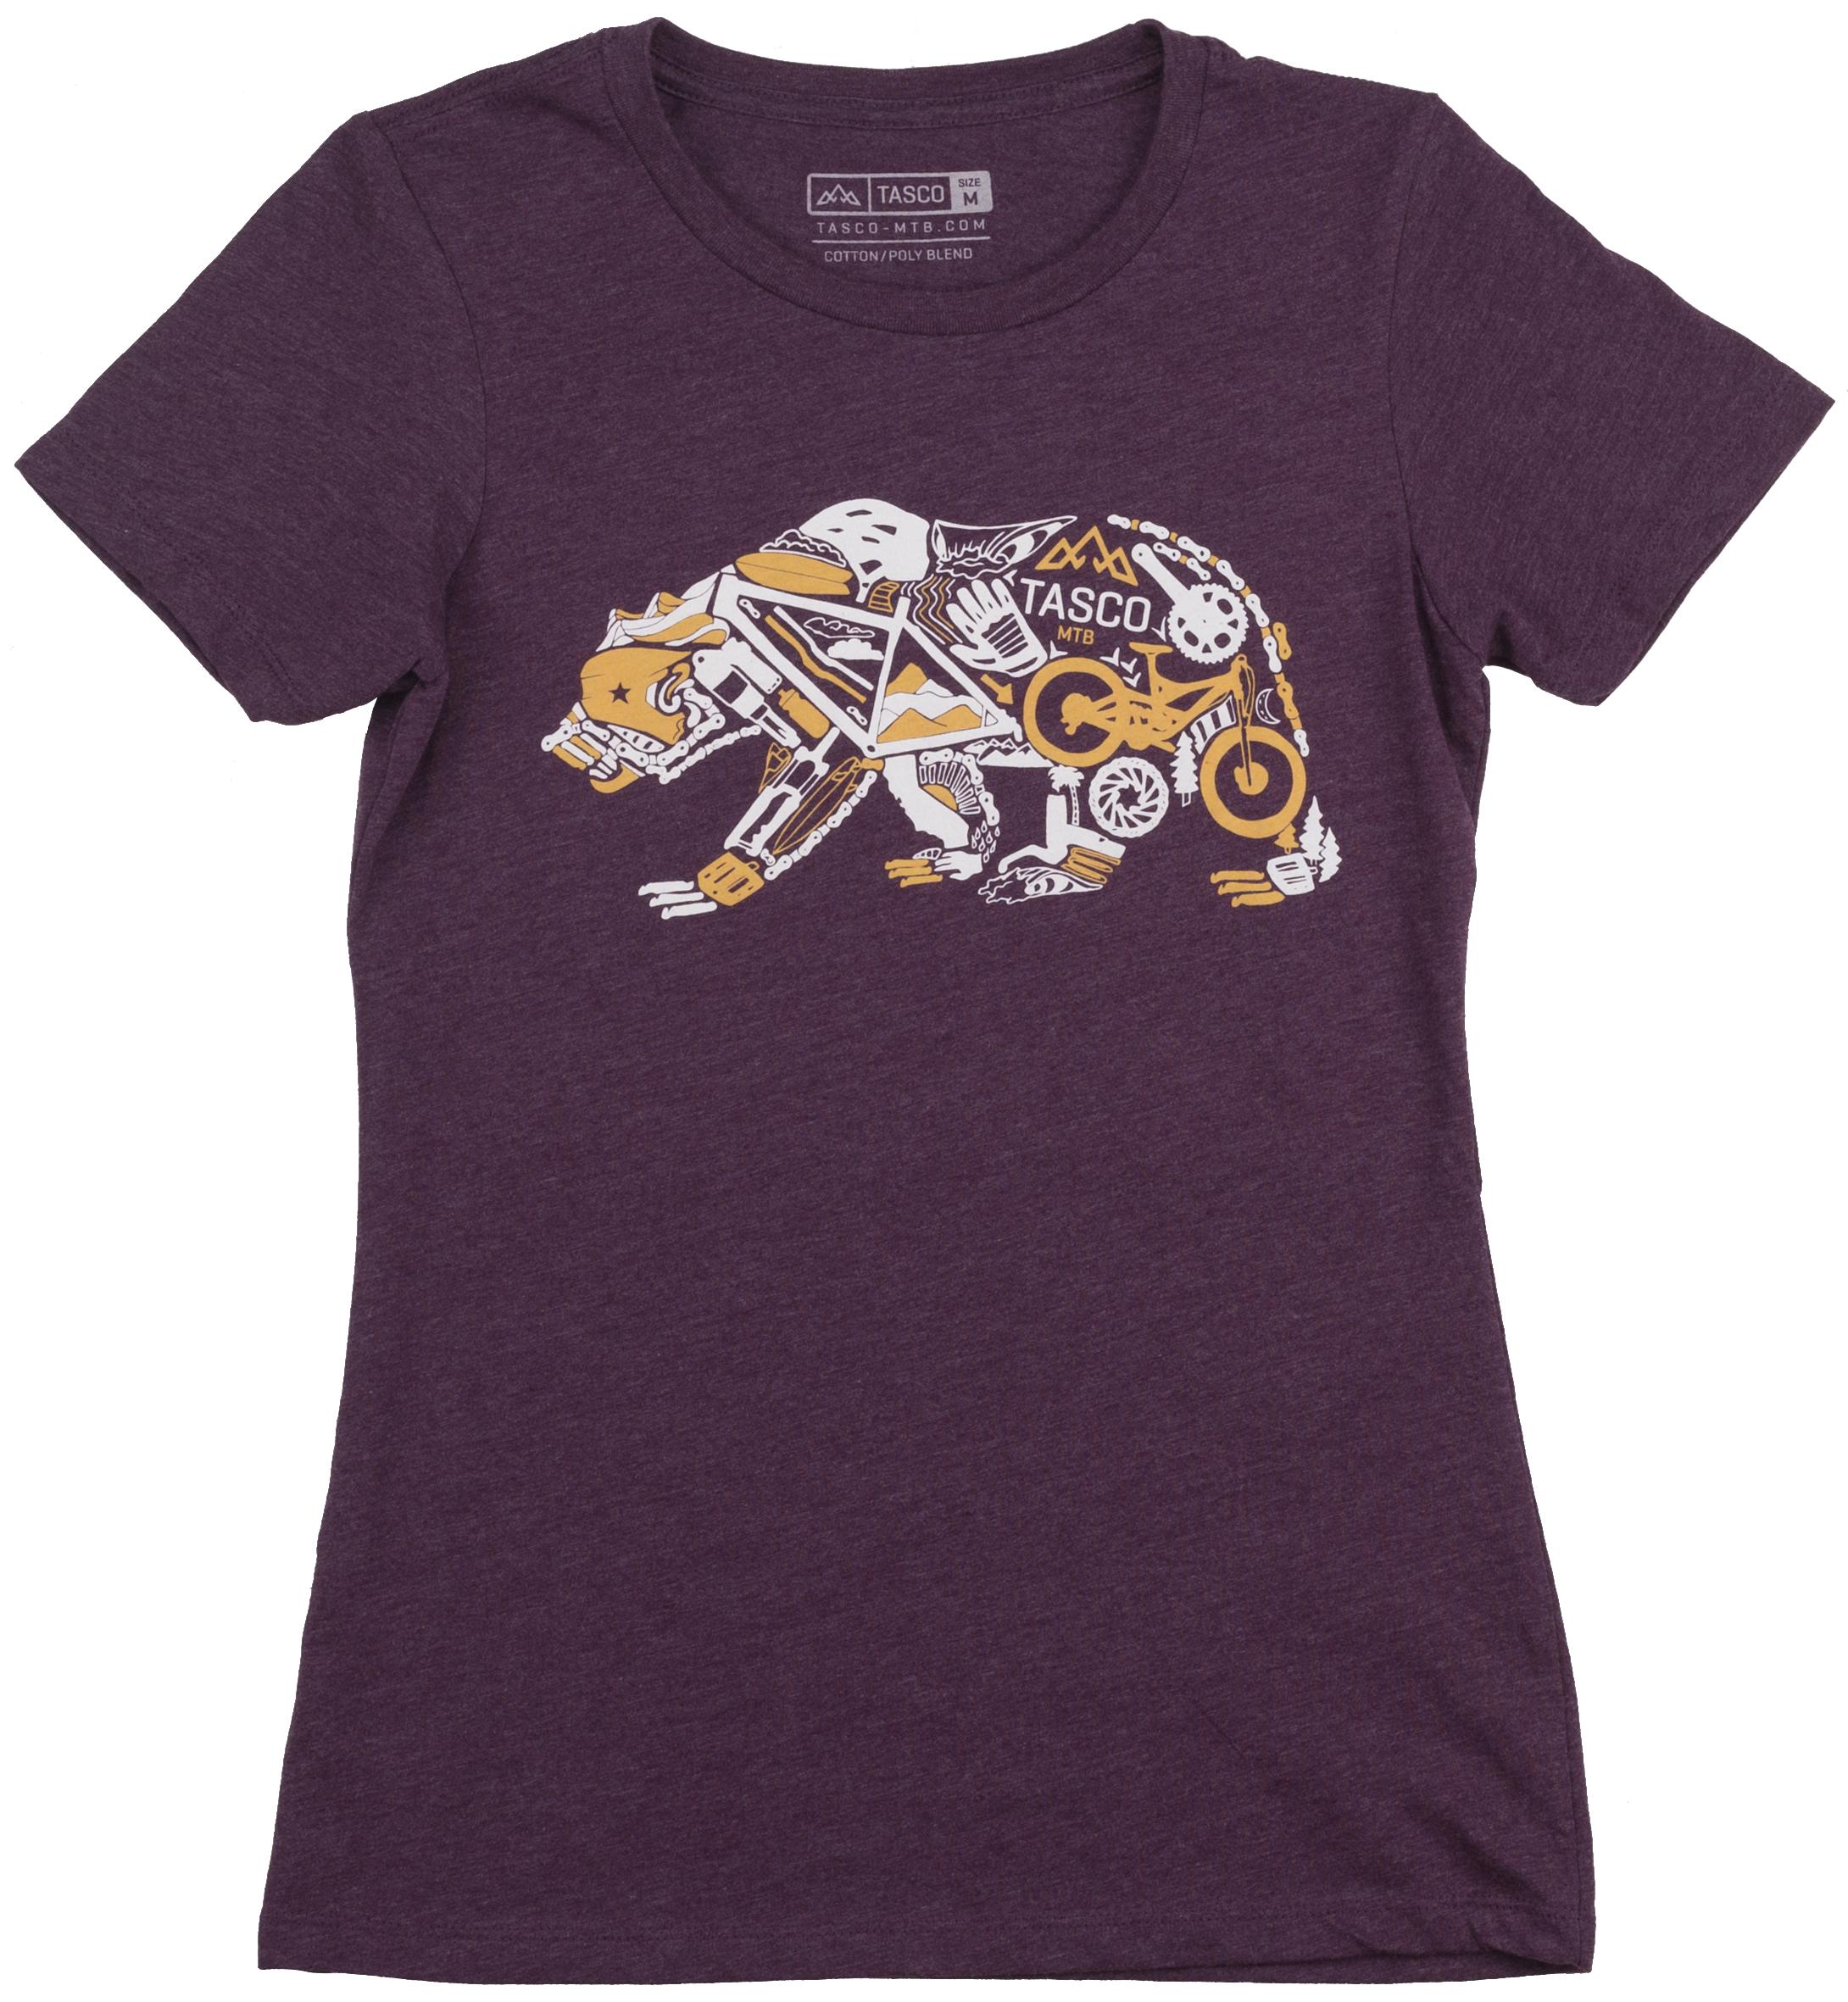 Tasco | Gear Bear Women's T-Shirt | Size Large in Plum